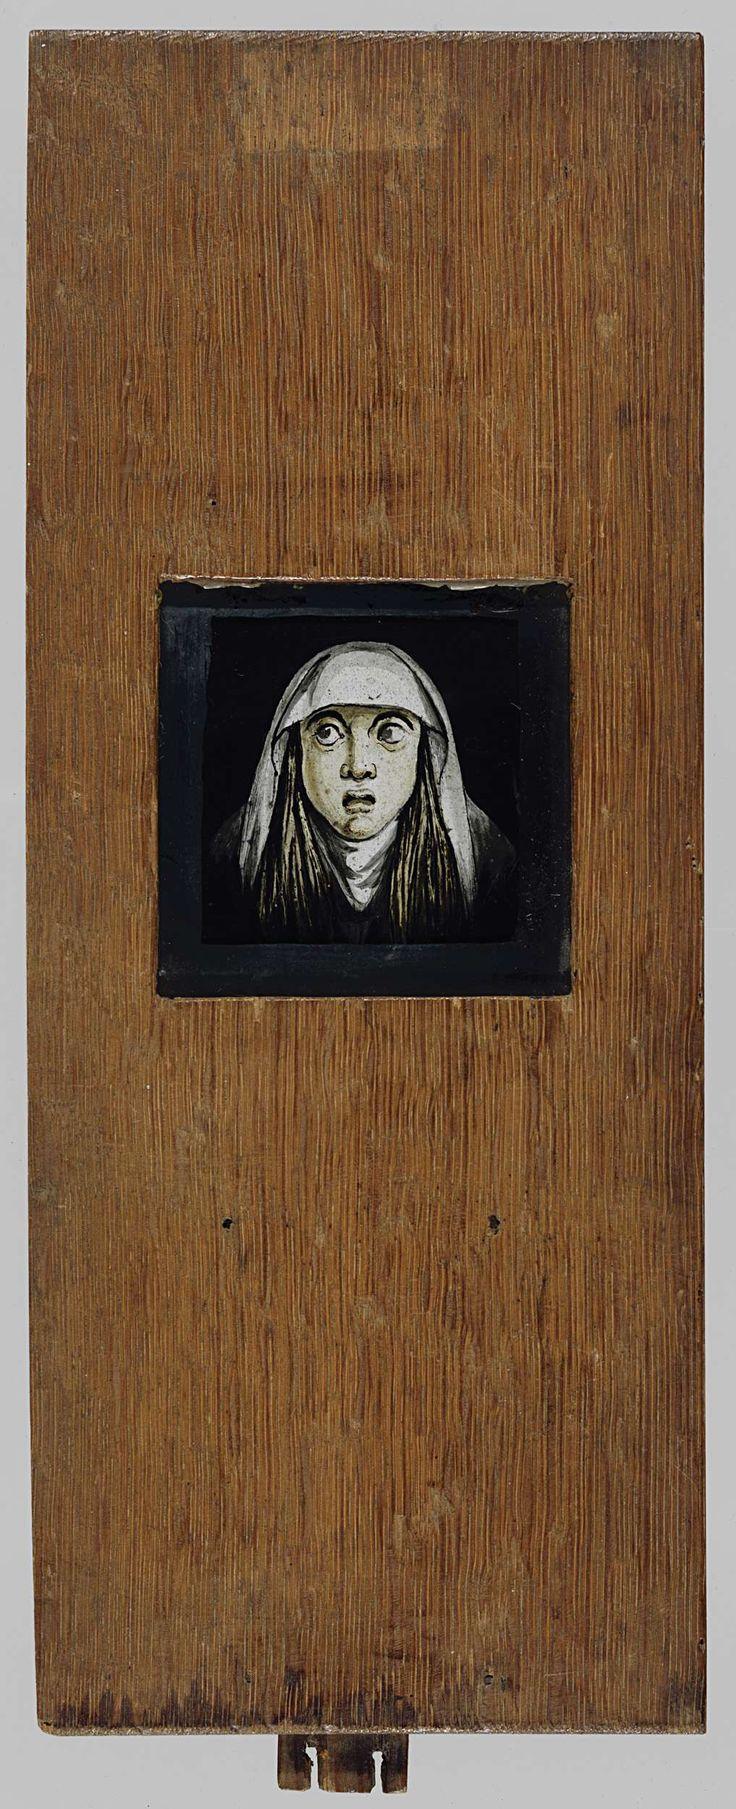 Anonymous   Beweegbare plaat van een meisje met een verschrikt hoofd., Anonymous, 1700 - 1800   Houten frame met glasplaat, gebruikt voor toverlantaarn. Meisje mt een verschrikt hoofd. Ze heeft lang haar dat langs haar gezicht valt. Op haar hoofd draagt ze een wit kapje en de ogen kunnen bewogen worden.